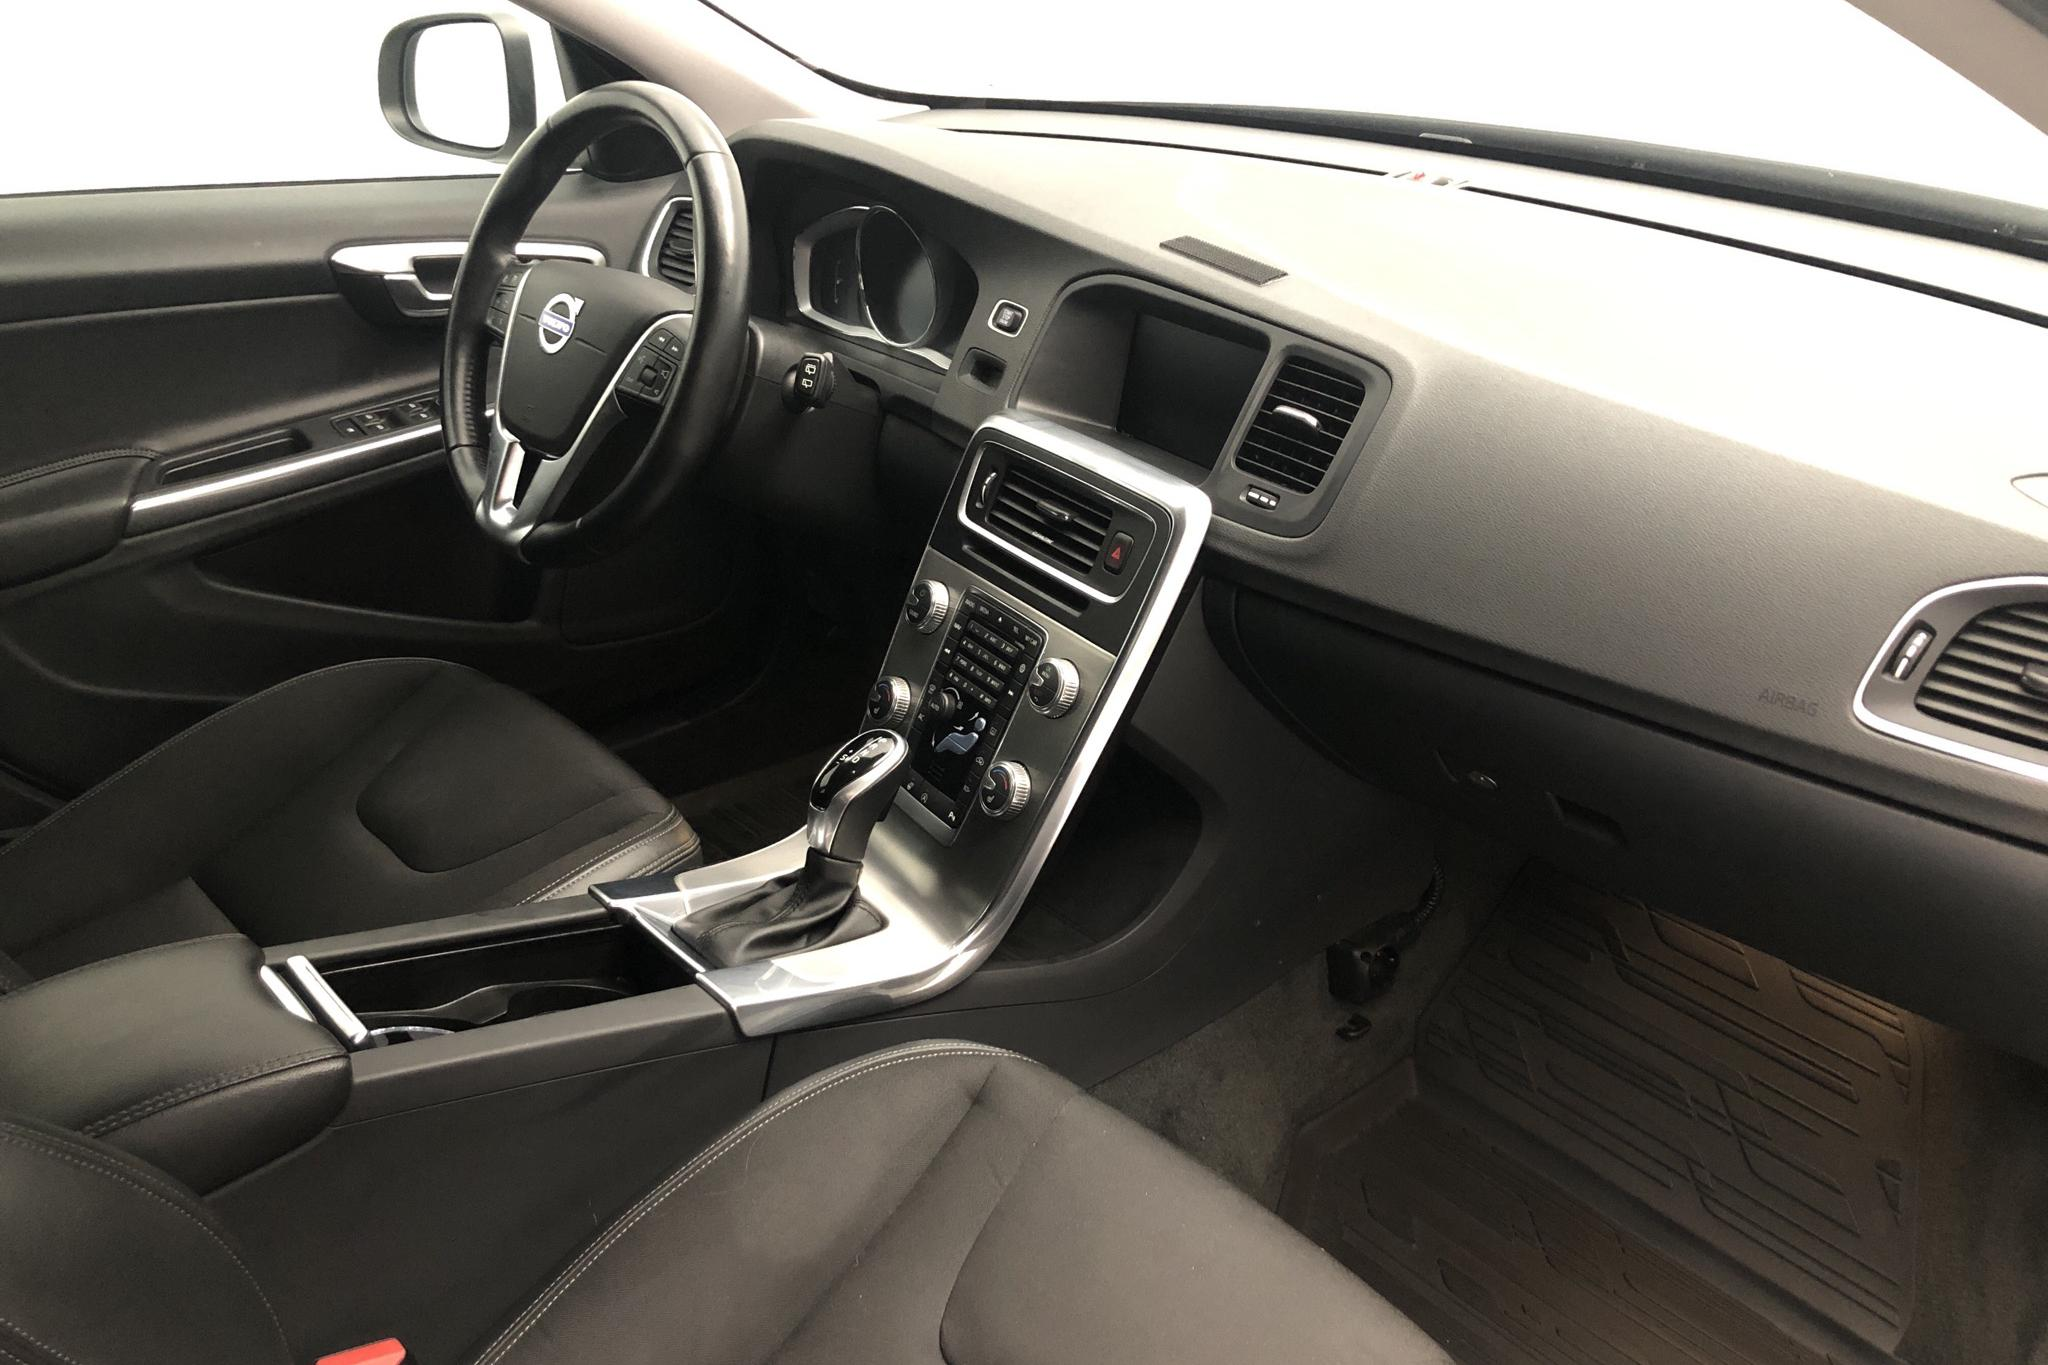 Volvo V60 D4 (190hk) - 106 820 km - Automatic - white - 2018